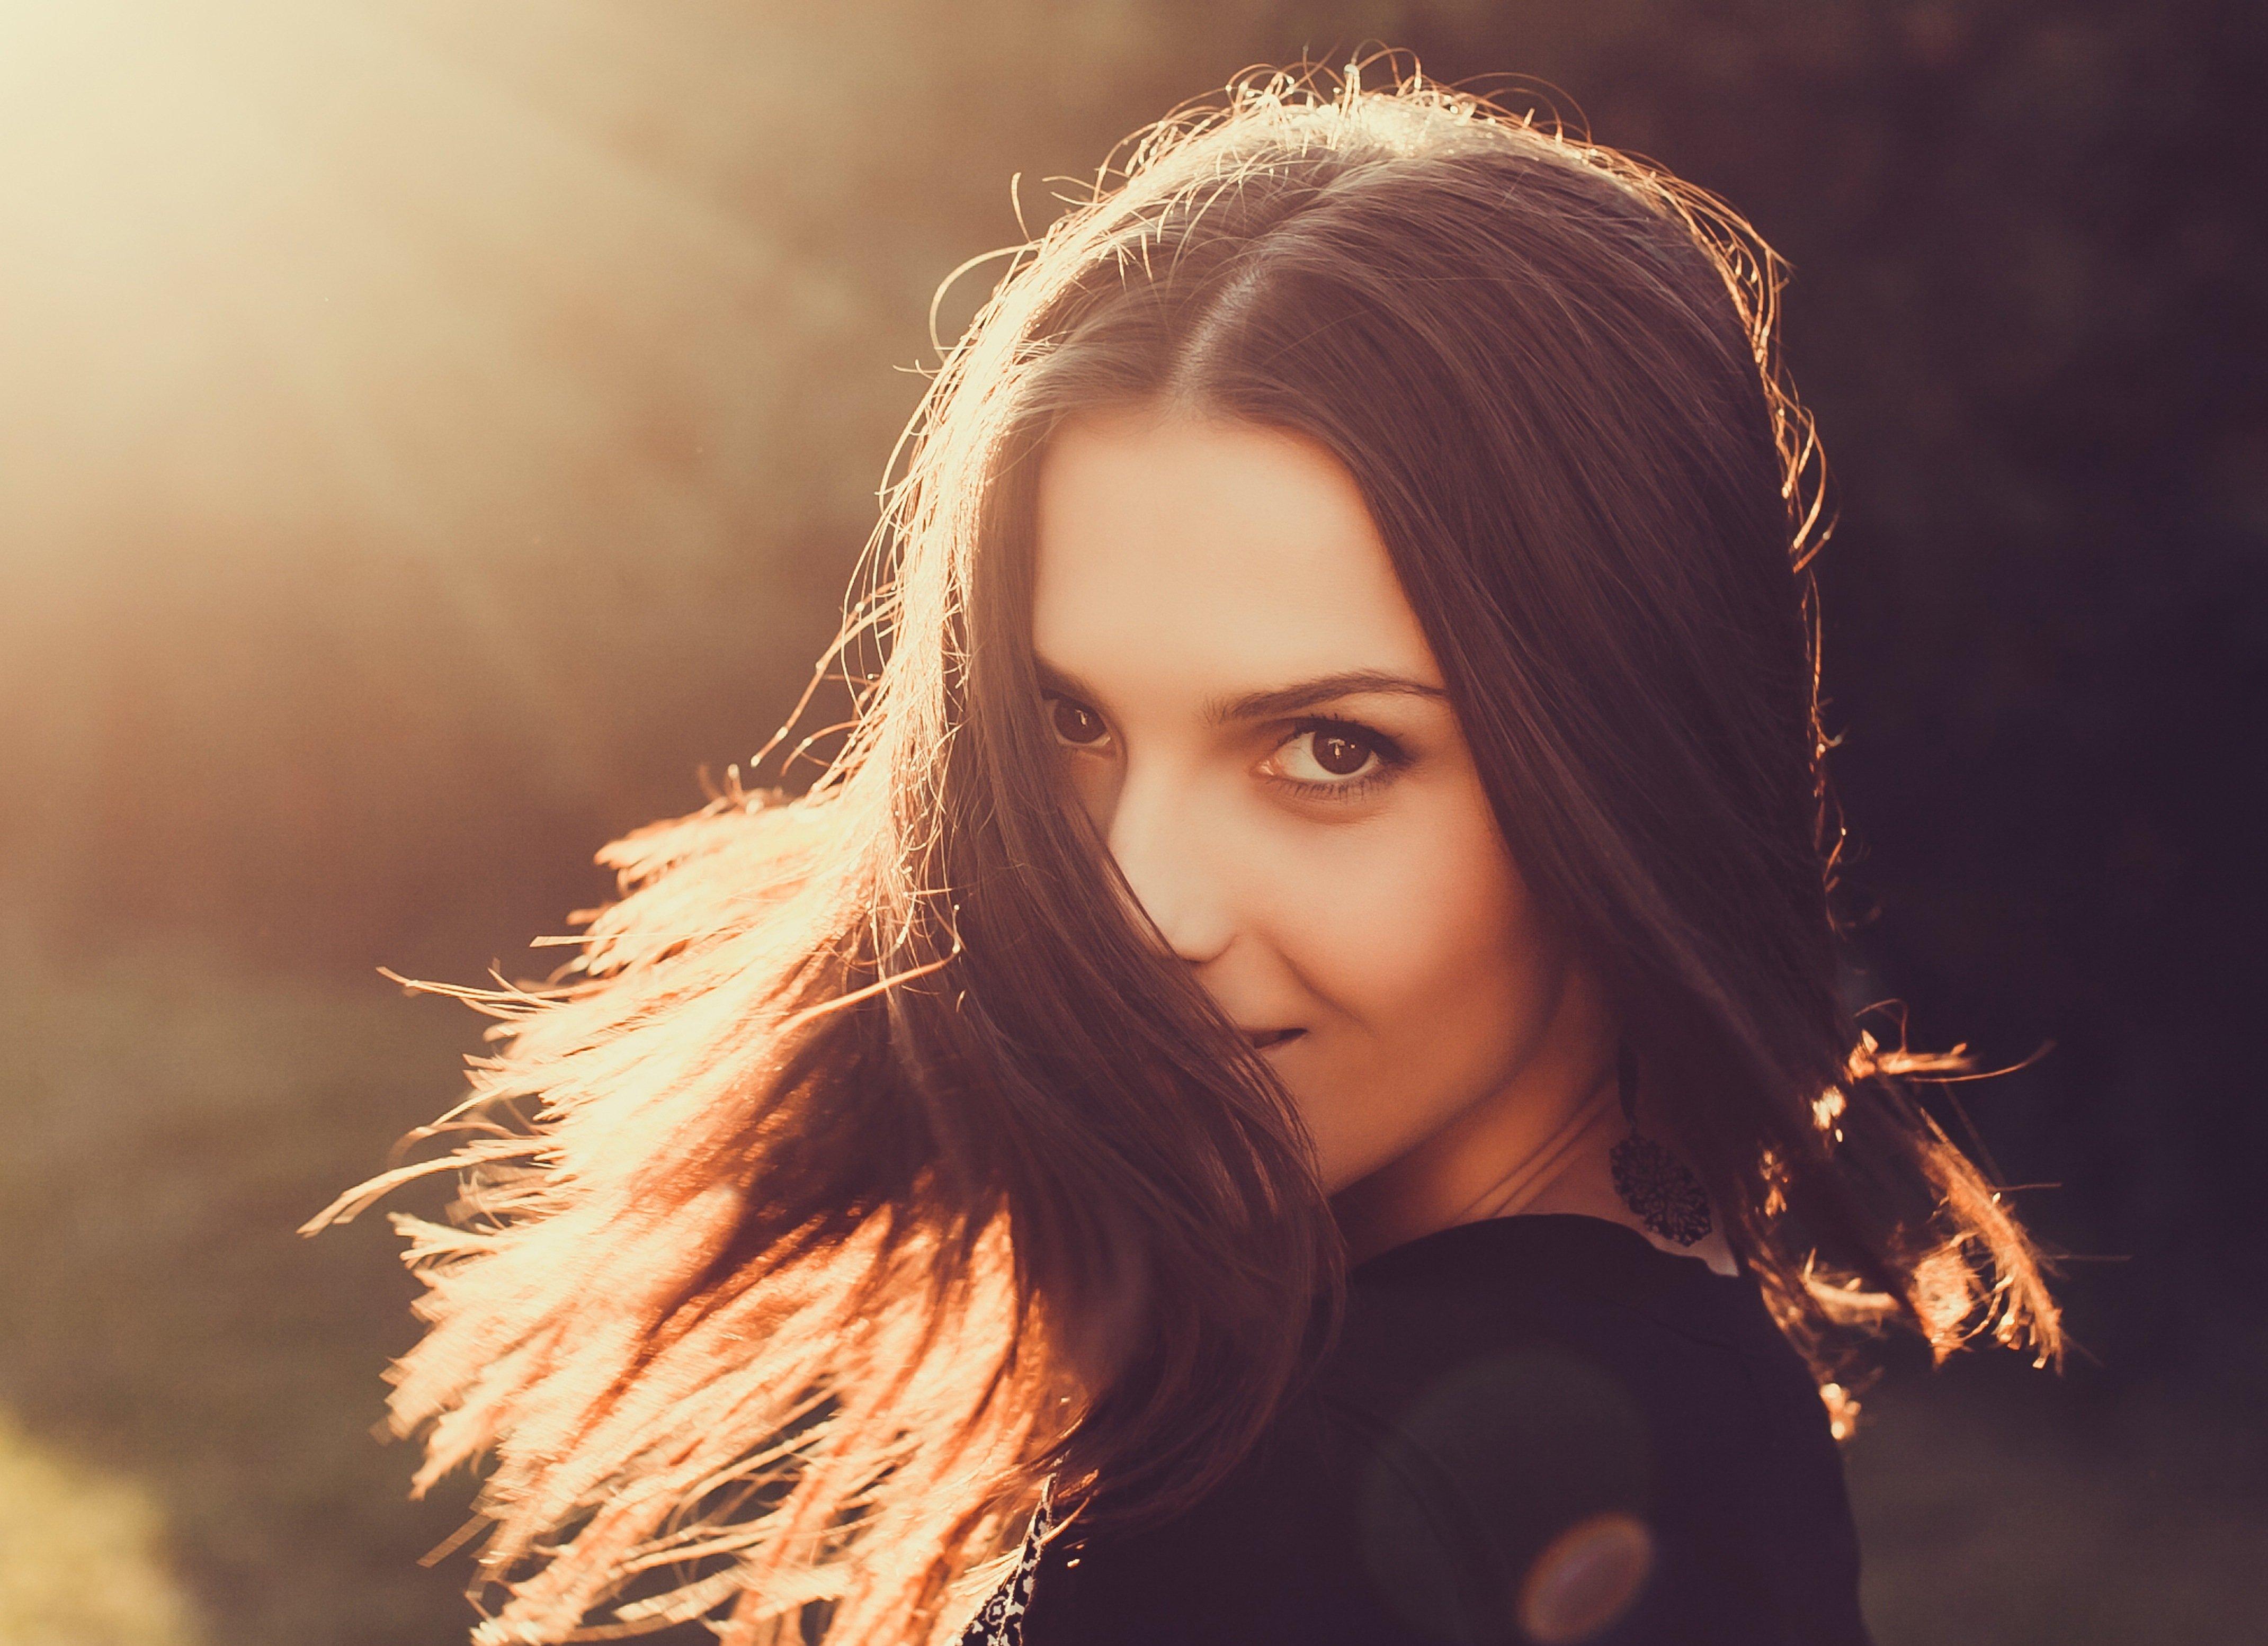 Темноволосая кареглазая женщина 19 фотография